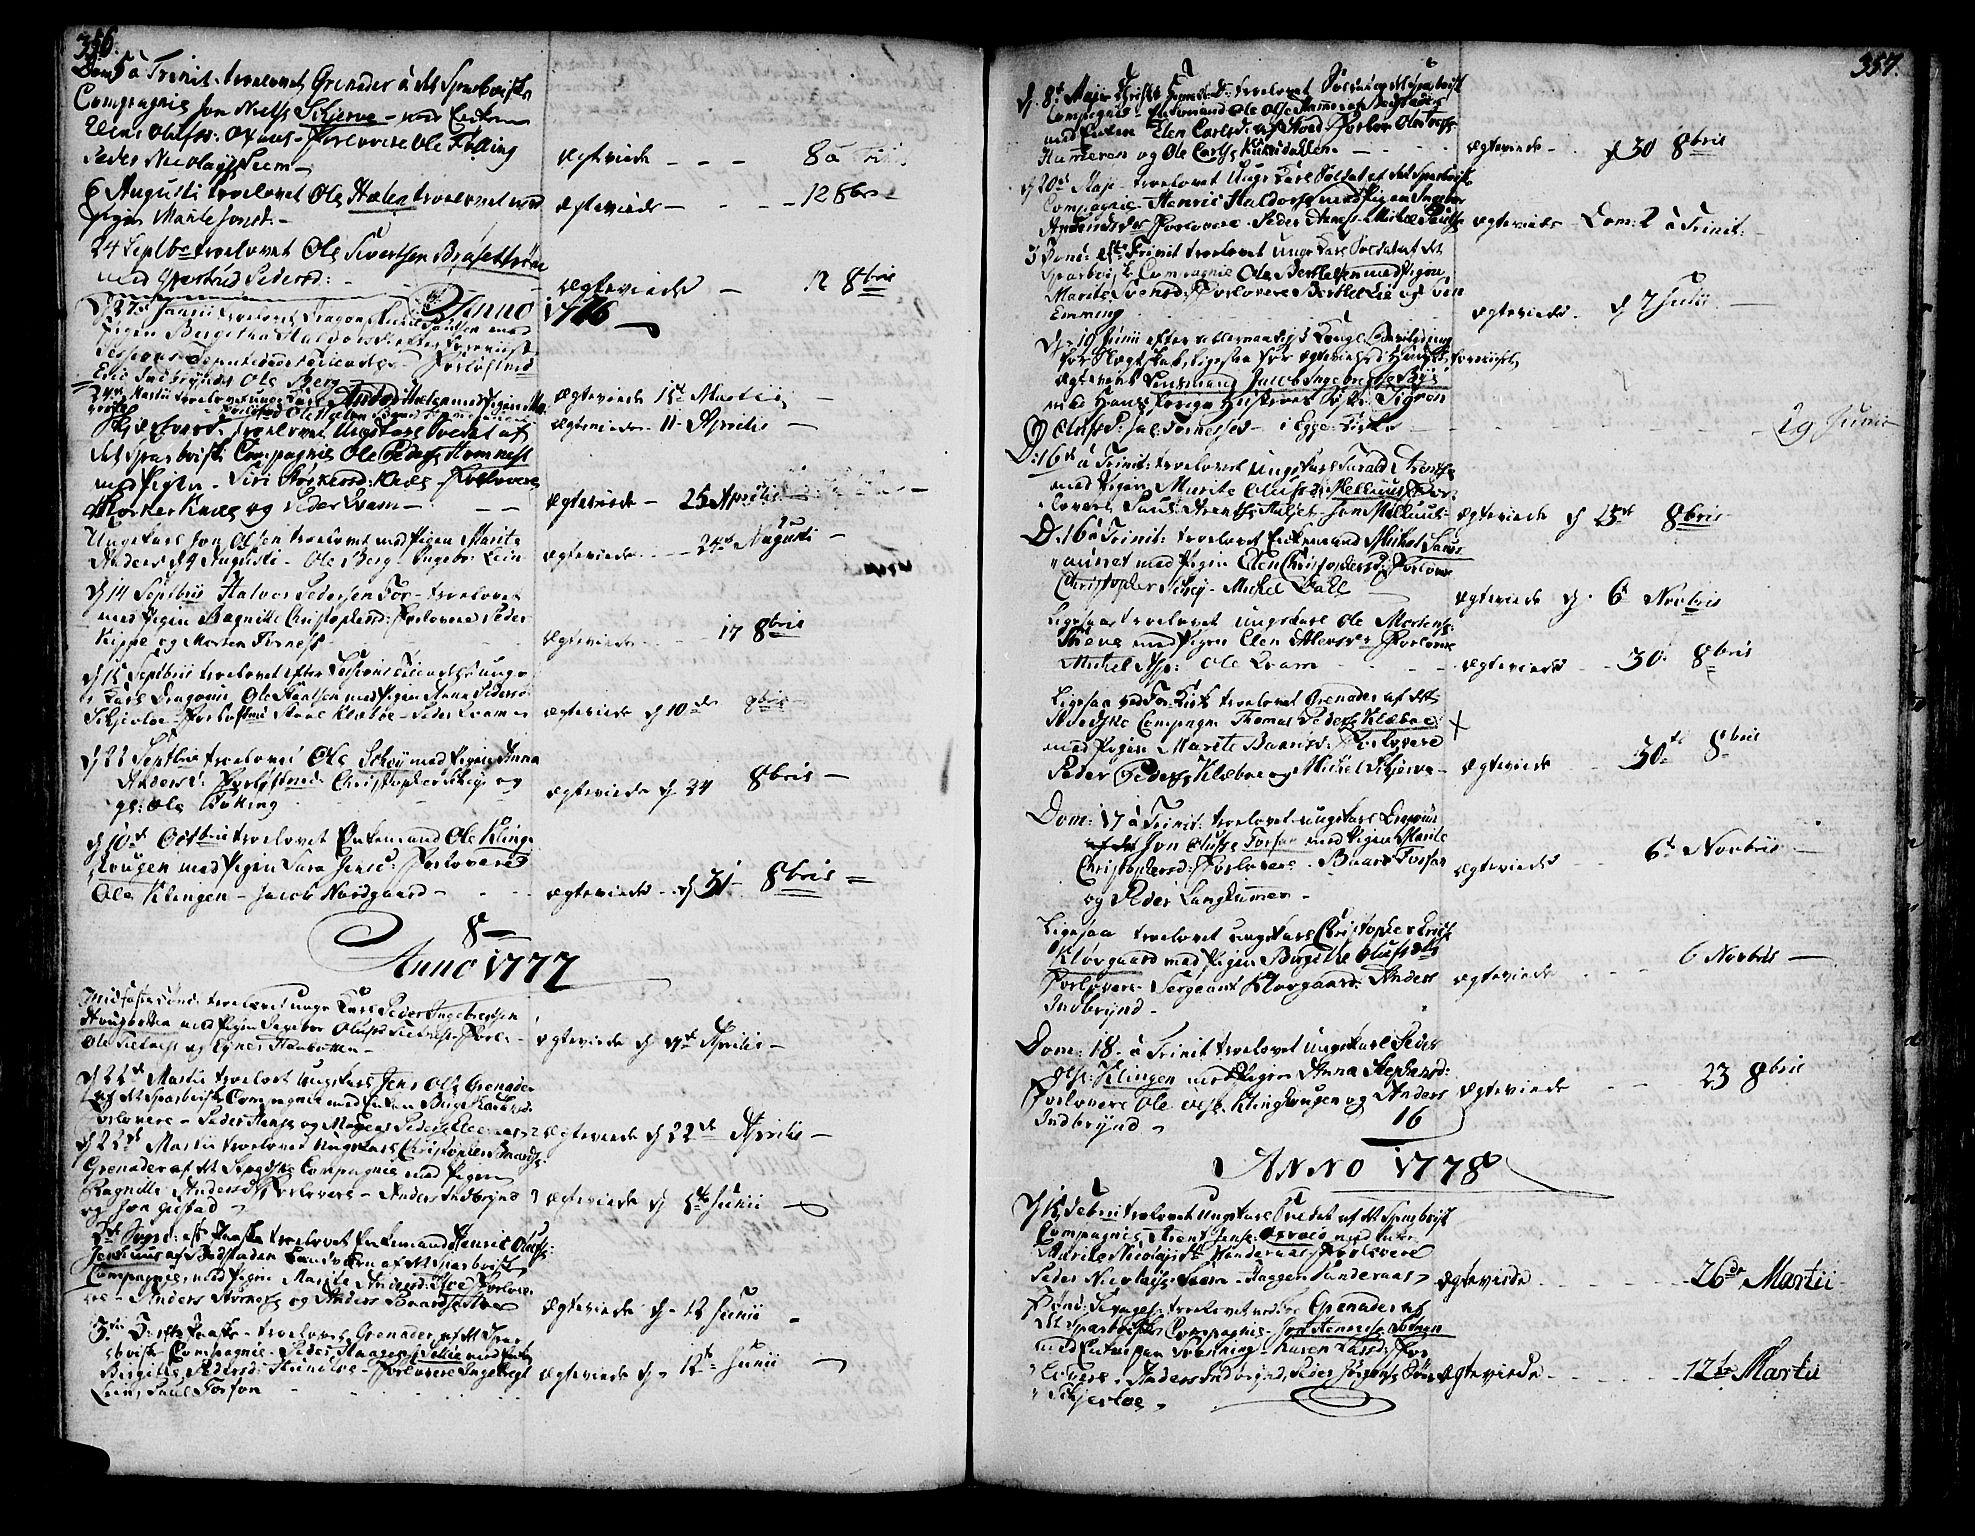 SAT, Ministerialprotokoller, klokkerbøker og fødselsregistre - Nord-Trøndelag, 746/L0440: Parish register (official) no. 746A02, 1760-1815, p. 356-357